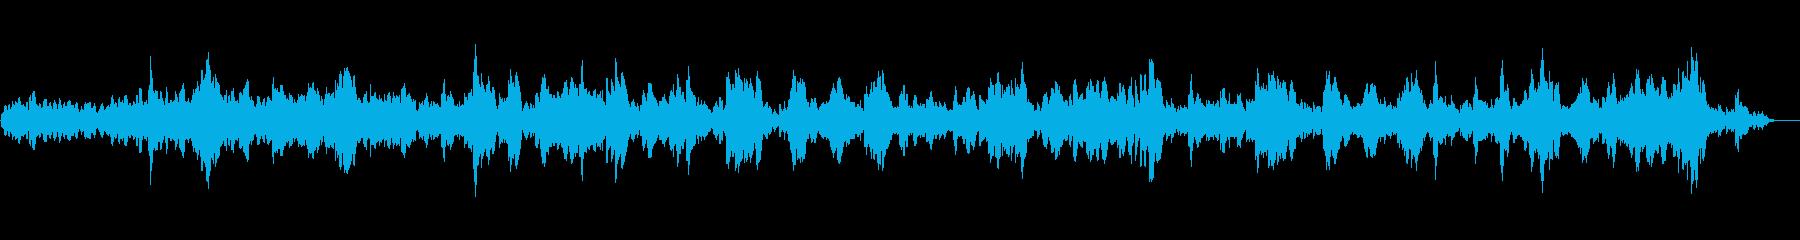 サスペンスホラー映像に合う怪しげな音楽の再生済みの波形